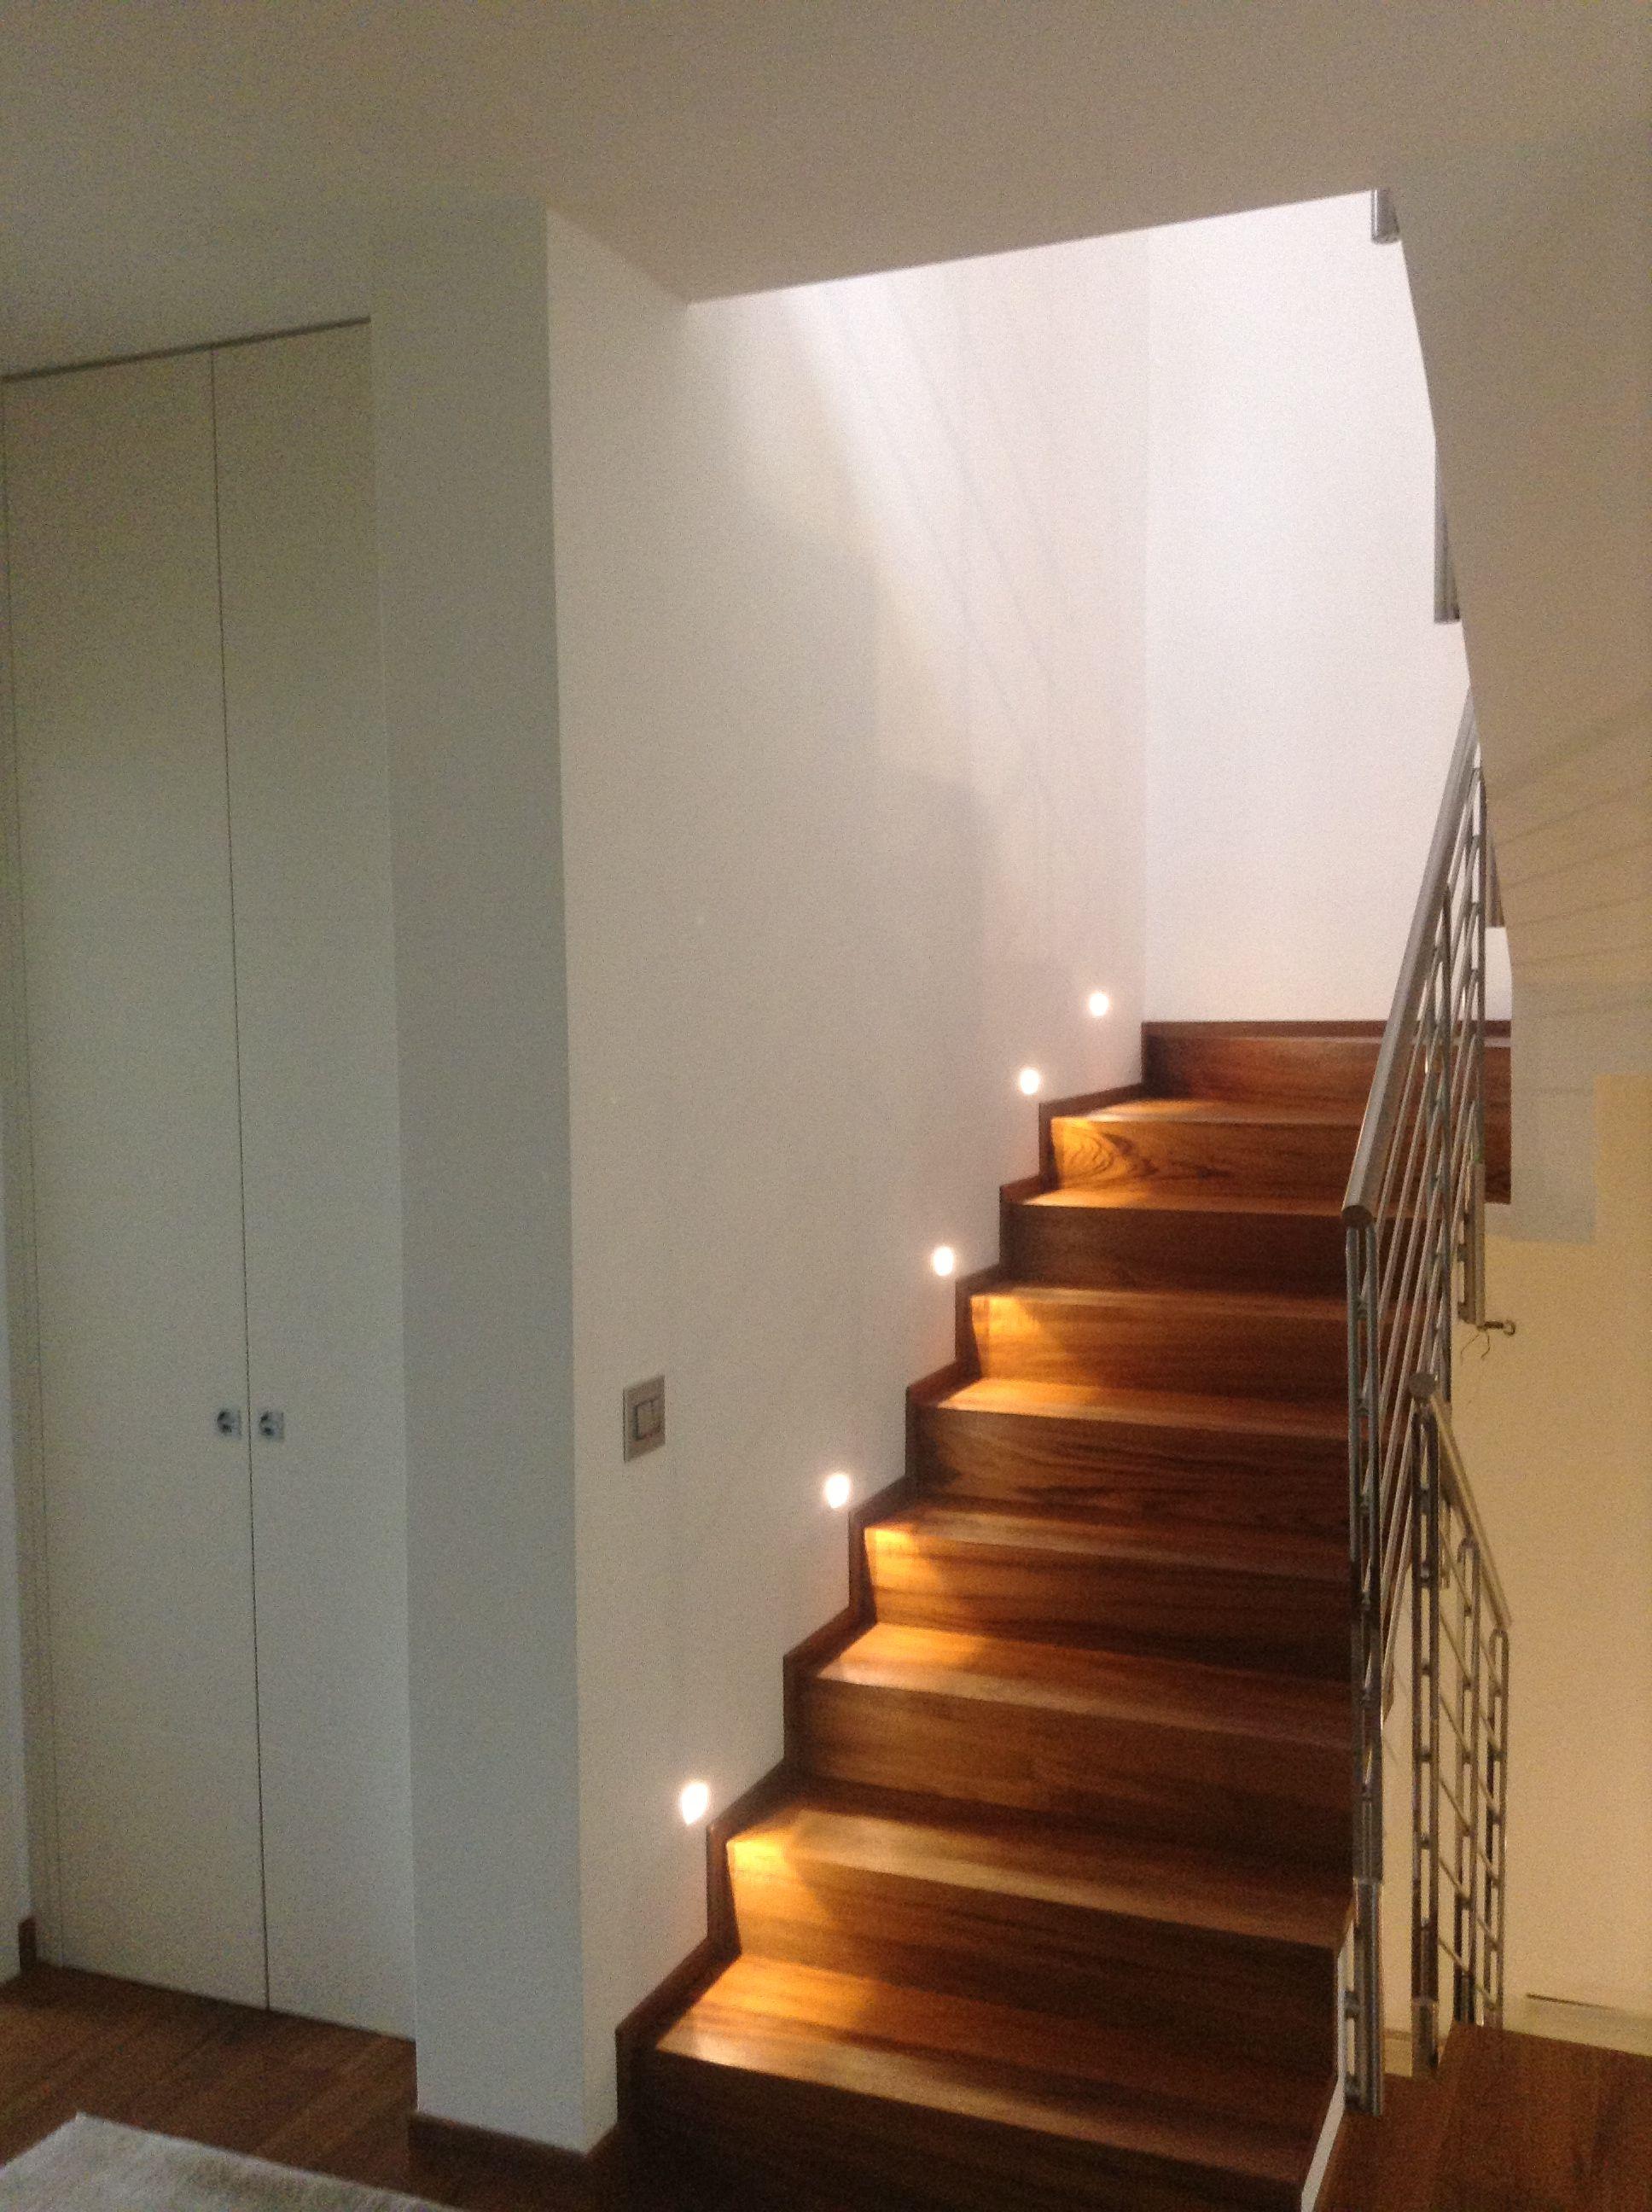 Abitazione privata illuminazione scala segnapasso LED